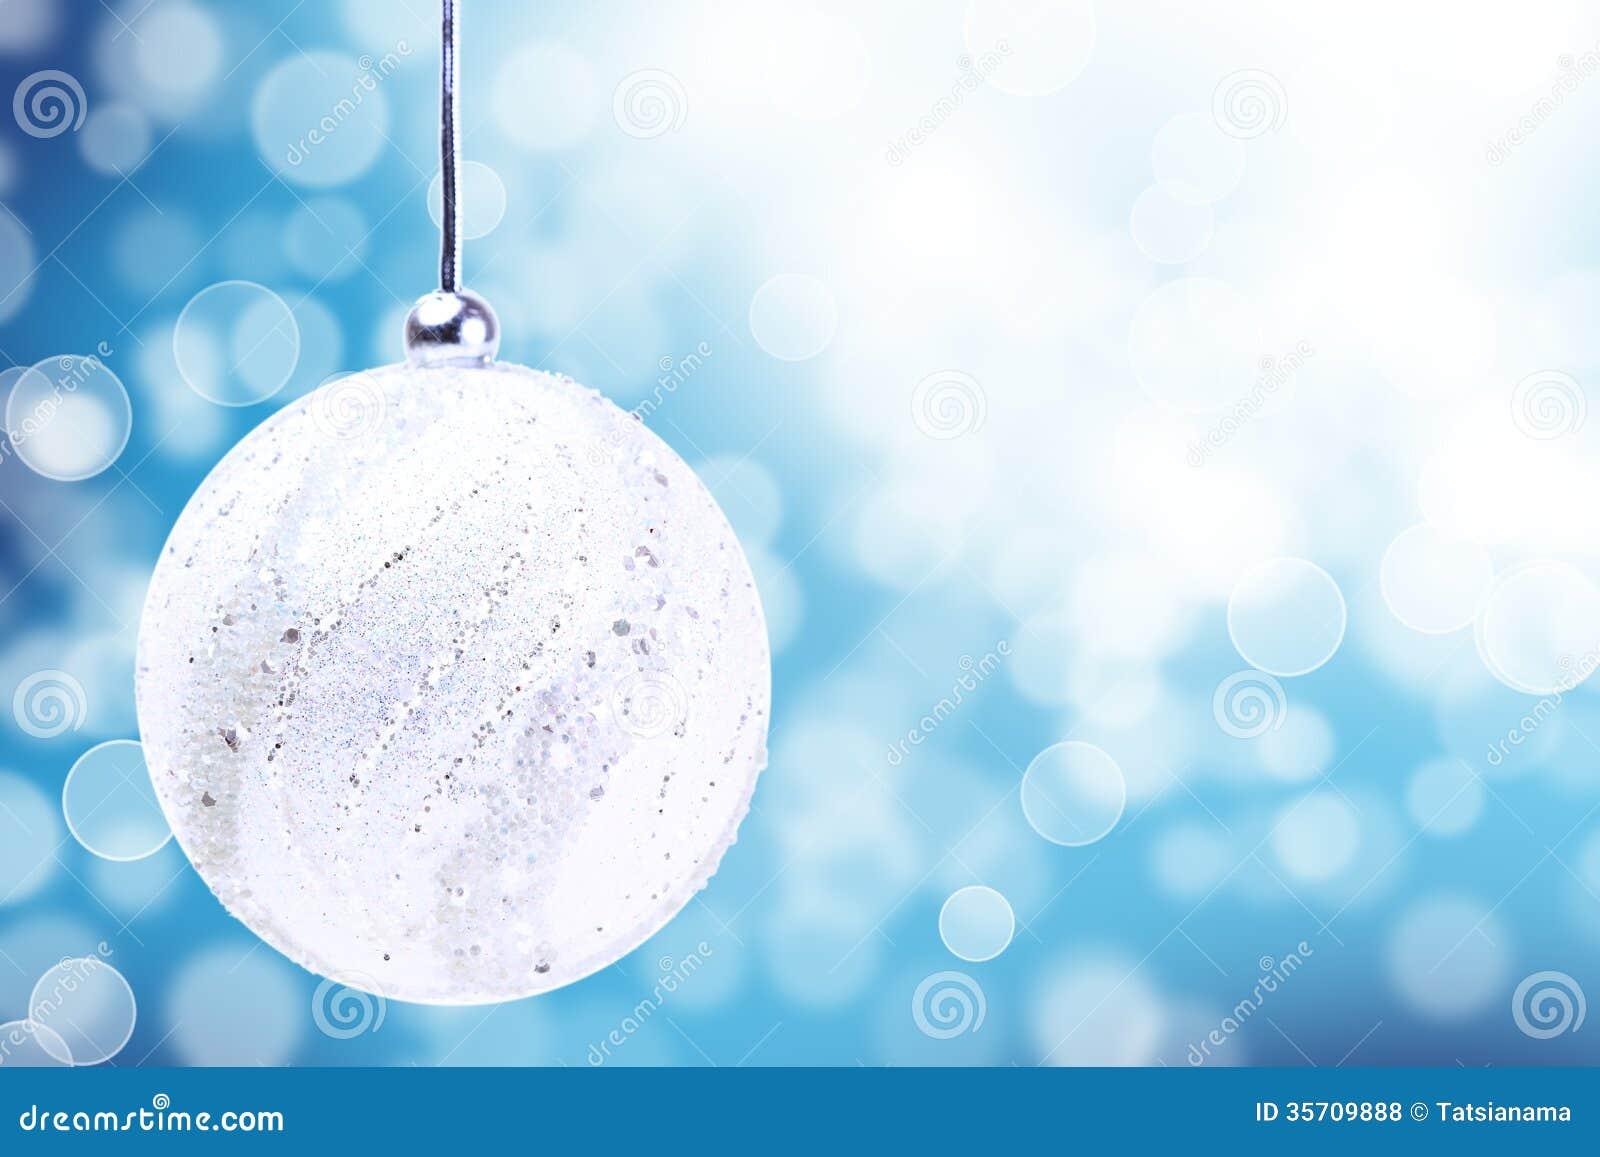 Silver Christmas Ball Ornament Over Elegant Grunge Blue White Light Bokeh Crystal Background